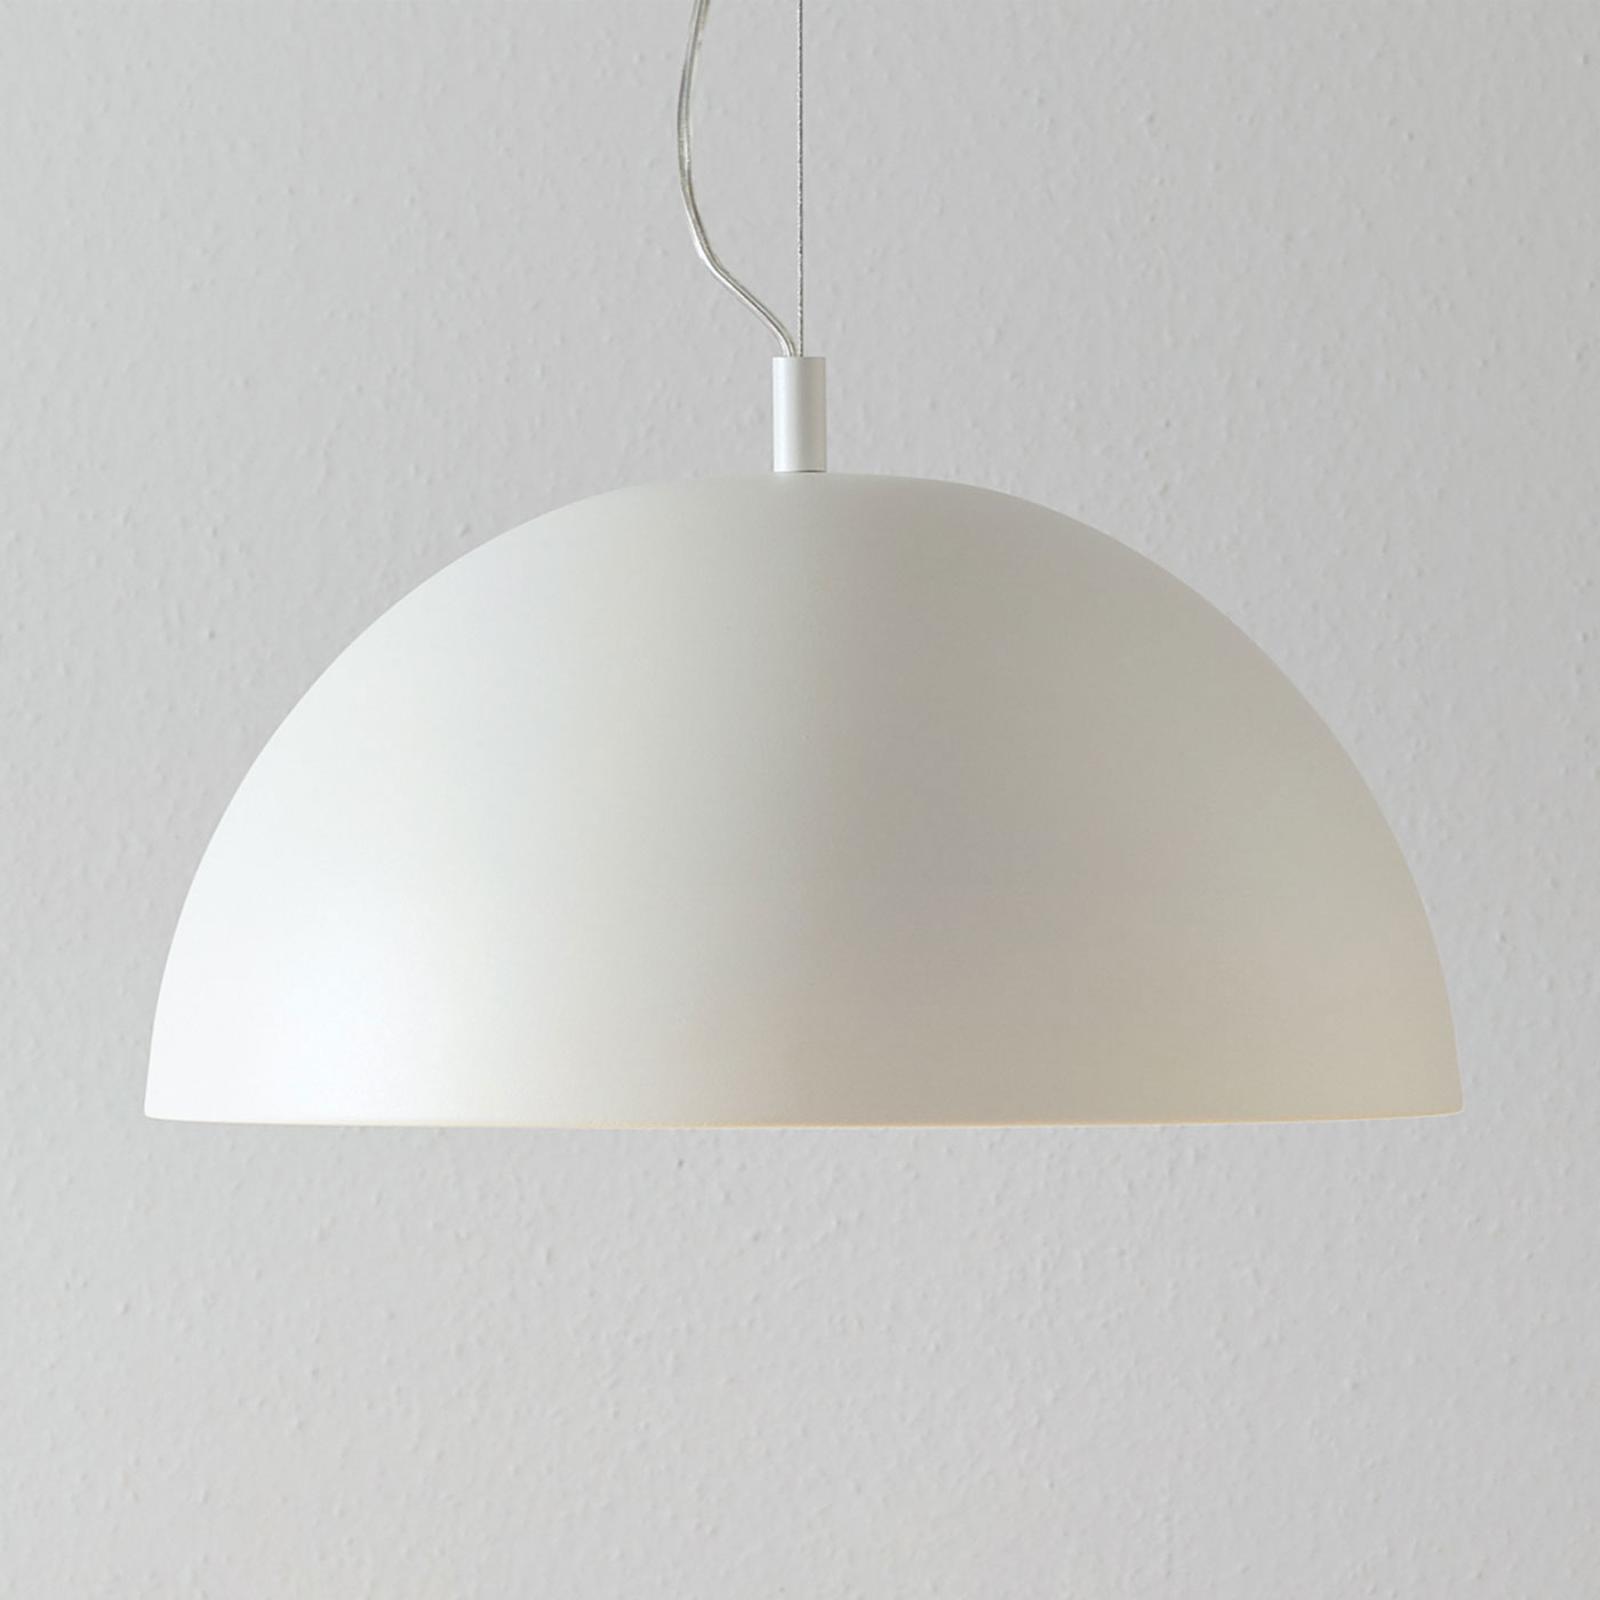 Lucande Phelan hængelampe 40 cm hvid/guld